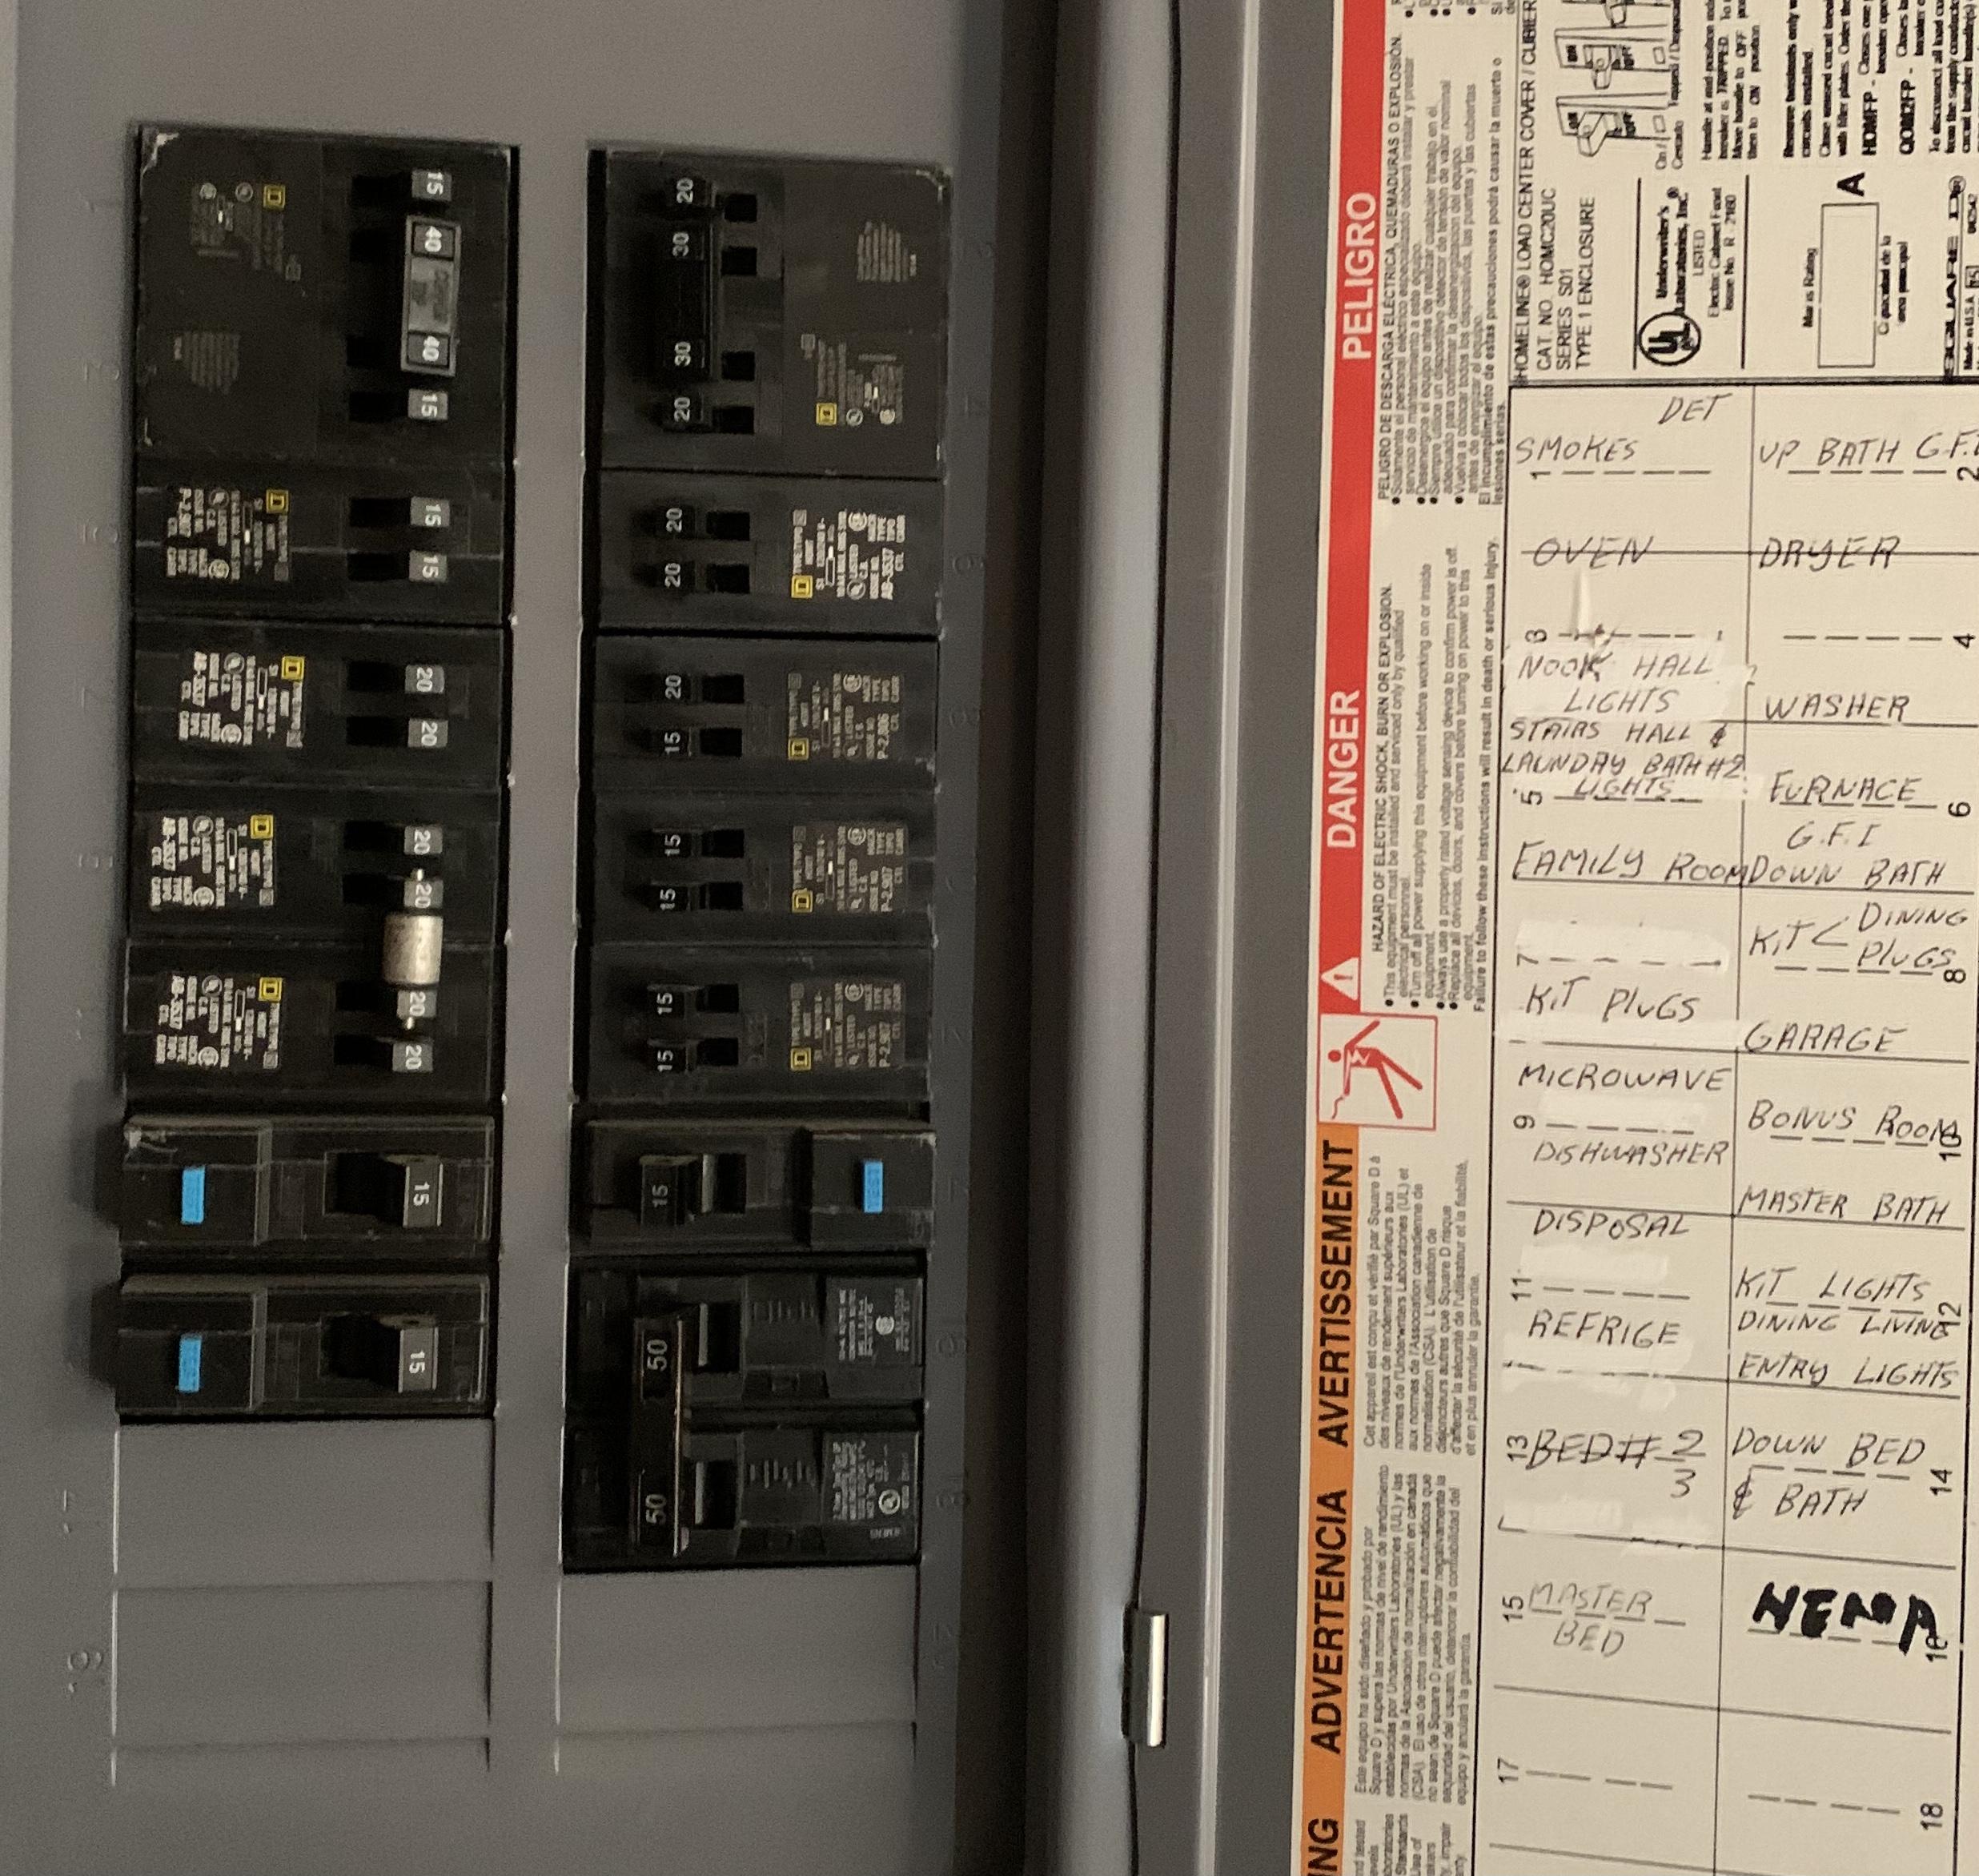 6FDA834B-7645-41D6-86A0-2181060BDB14.jpeg